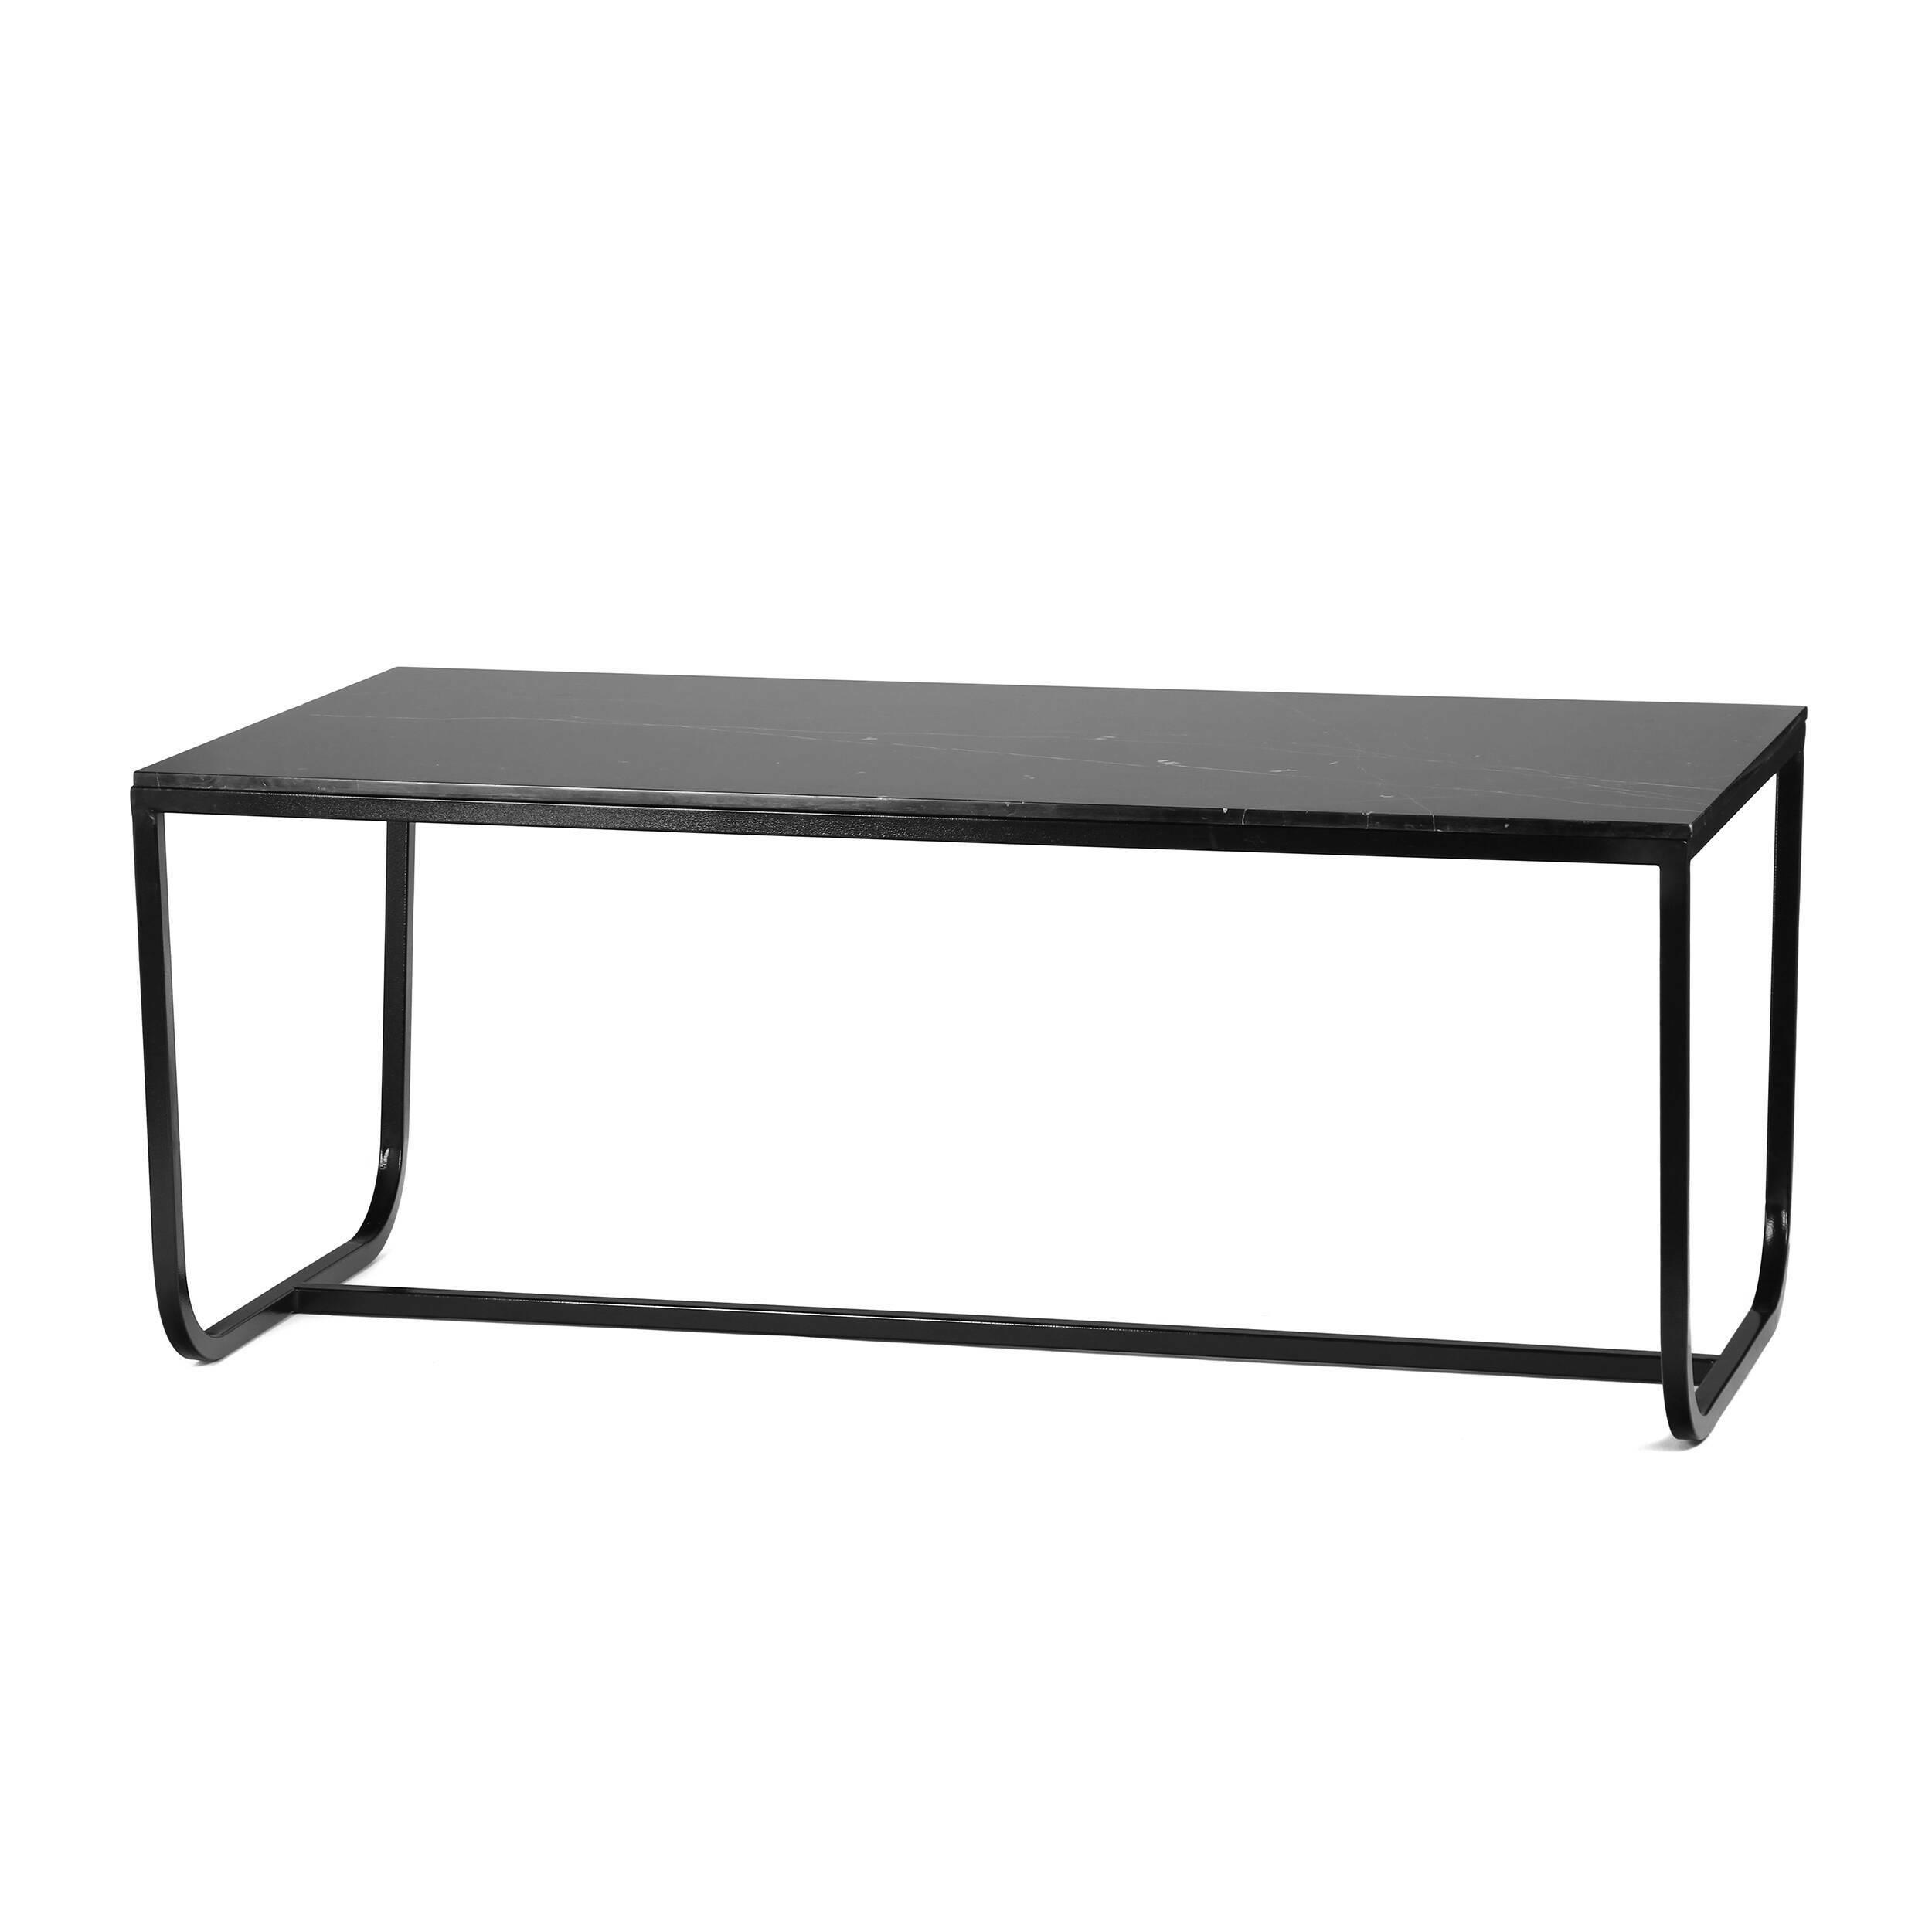 Обеденный стол Nordic черныйОбеденные<br>Массивный дизайнерский обеденный стол Nordic черный подчеркнет изысканный вкус хозяина дома и сделает интерьер кухни или столовой более элегантным и стильным. Модель обладает внушительным размером, что позволяет устраивать на нем застолья для большой семьи и гостей.<br><br><br> Главной особенностью этой модели является мраморная столешница – благодаря этому материалу стол легко выдержит любые нагрузки. Ножки также очень прочны и устойчивы и сделаны из надежной стали. Такая основа делает эту мо...<br><br>stock: 5<br>Высота: 73<br>Ширина: 90<br>Длина: 180<br>Цвет ножек: Черный<br>Цвет столешницы: Черный<br>Тип материала столешницы: Мрамор<br>Тип материала ножек: Сталь